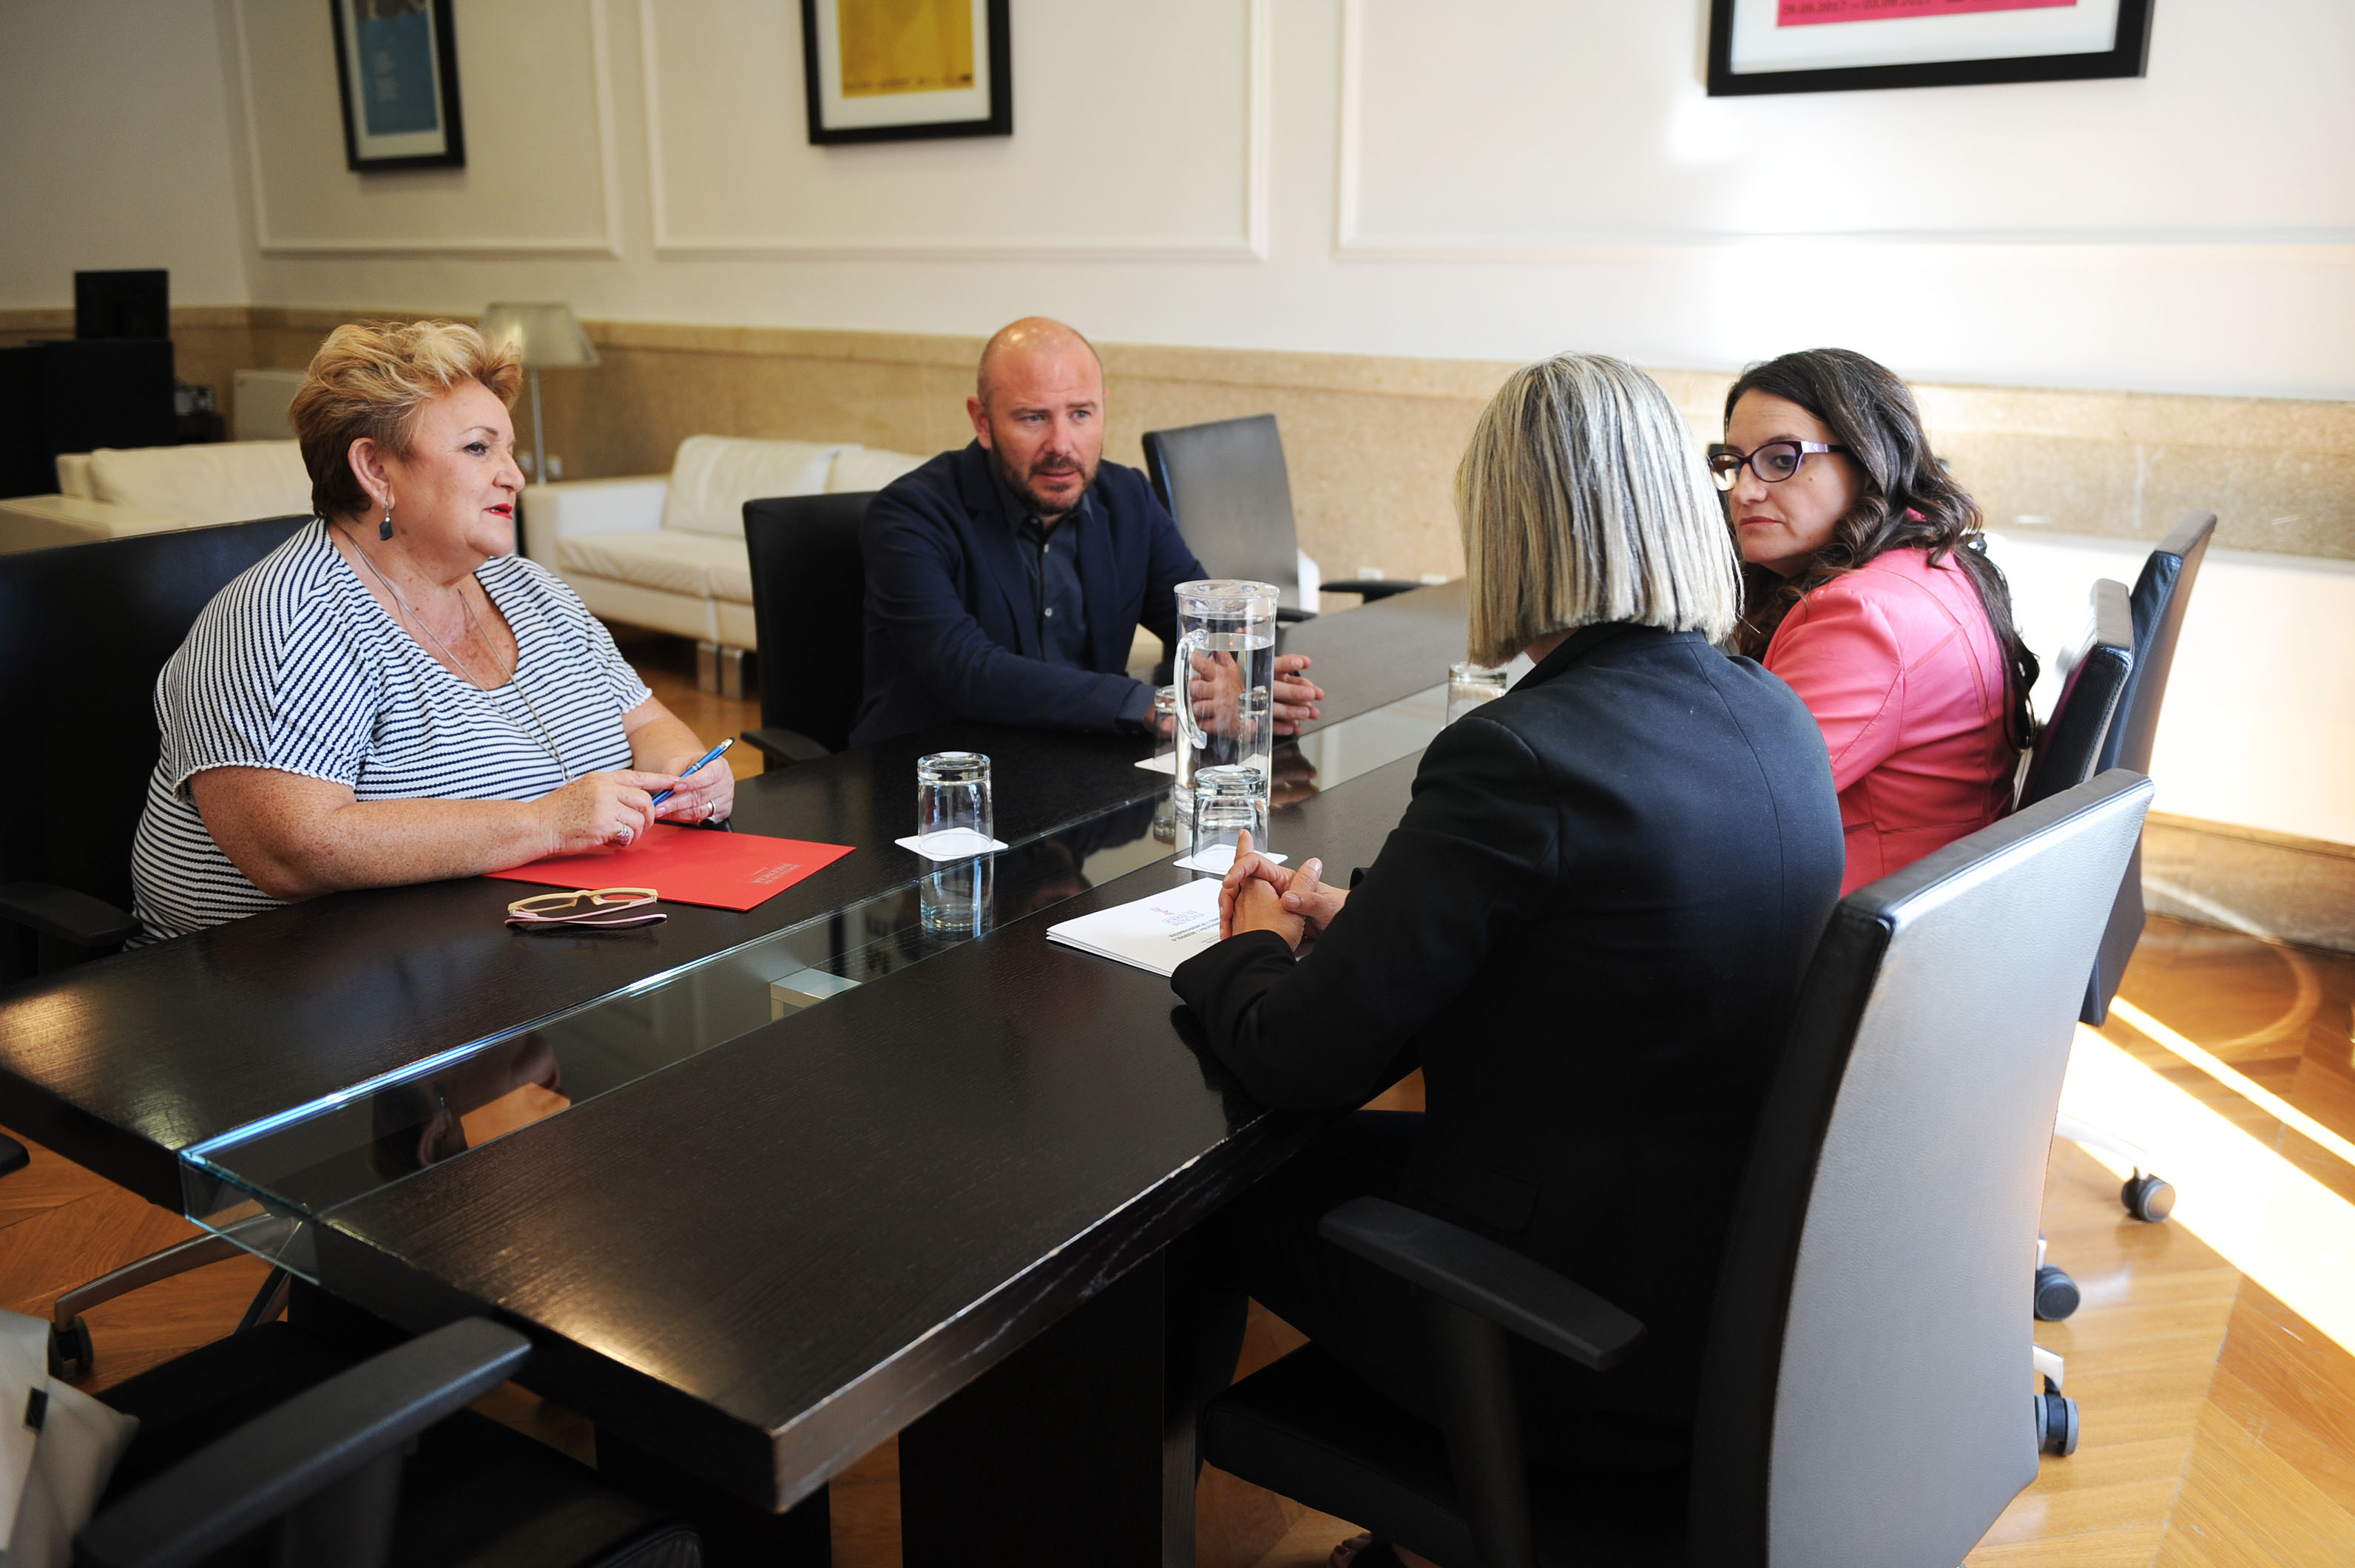 El presidente, Toni Gaspar, se reúne con la vicepresidenta del Consell, Mónica Oltra, en un nuevo impulso a la política de colaboración que ahora tendrá comisiones bilaterales entre ambas instituciones.